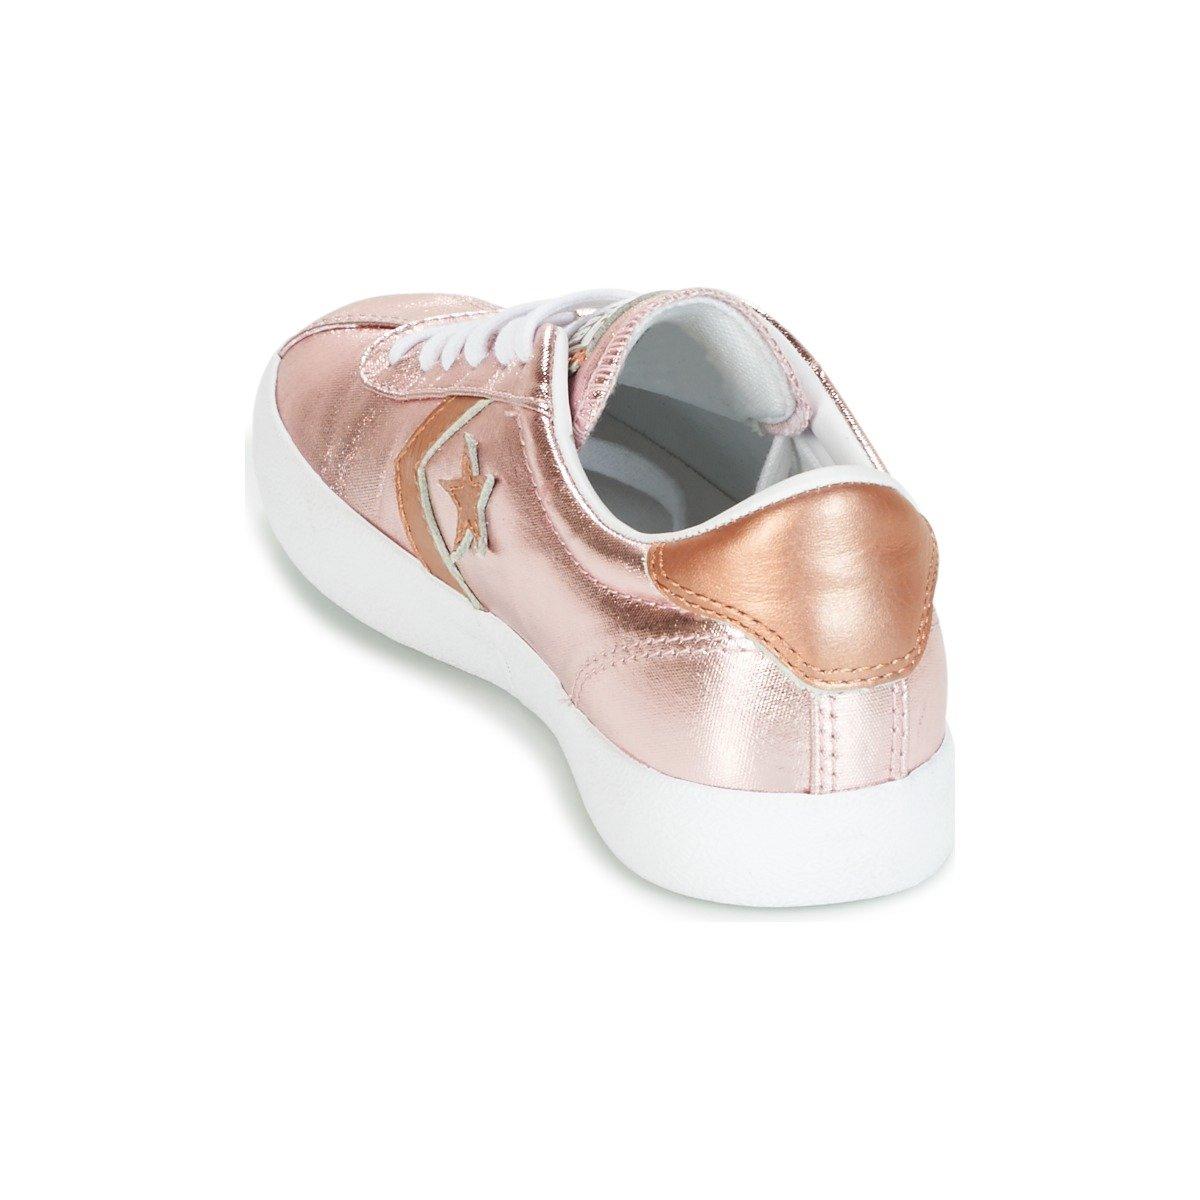 Converse Sneaker BREAKPOINT OX 157798C 157798C 157798C Rose - 85f37b